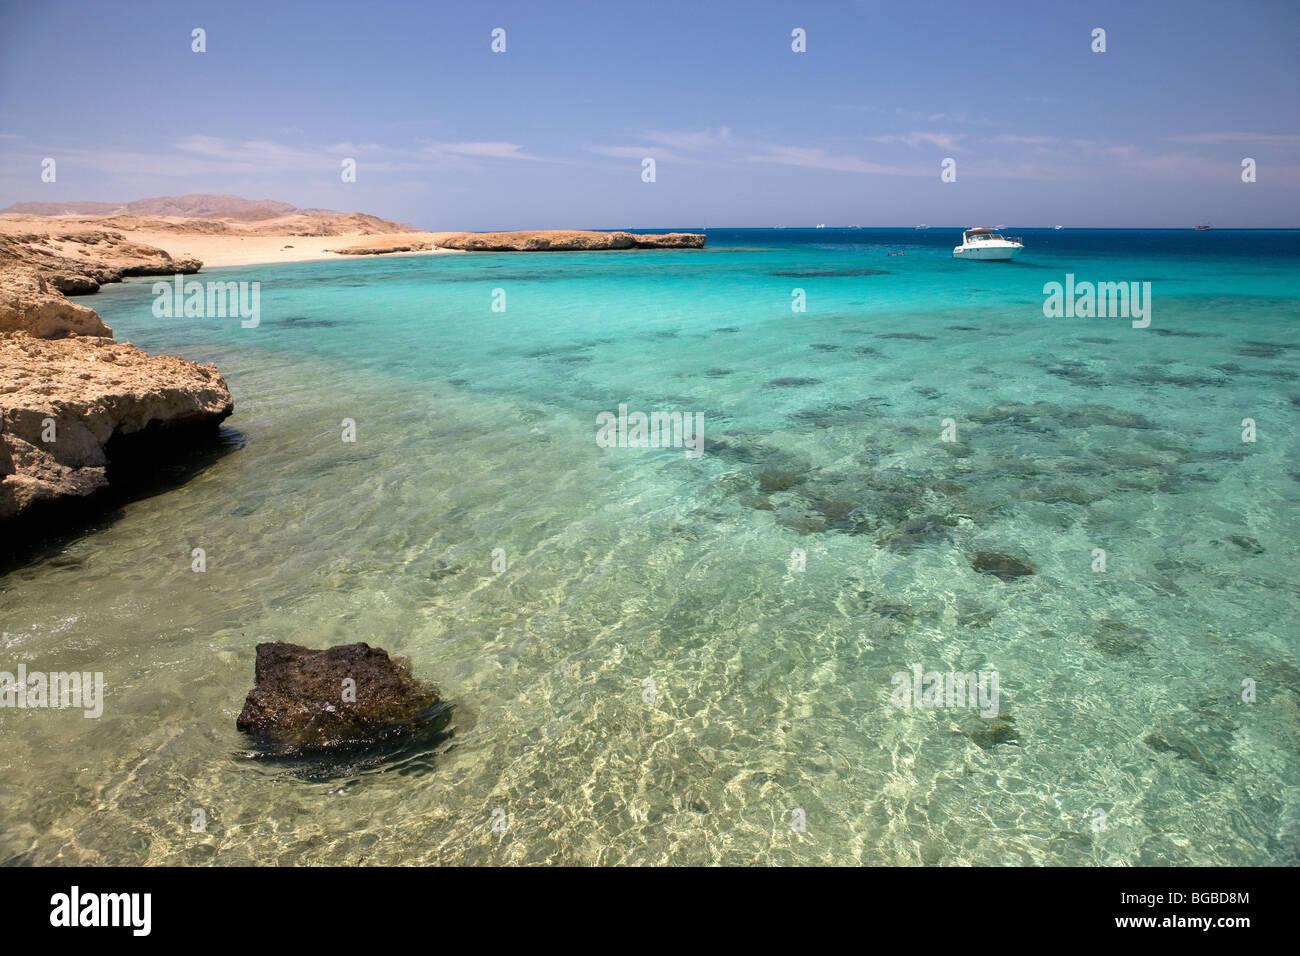 Afrika, Ägypten, Sharm el Sheik, Tiran Insel, Meer, Boot, Küste, Farben, Tauchen, Tauchen, Korallenriff, Stockbild